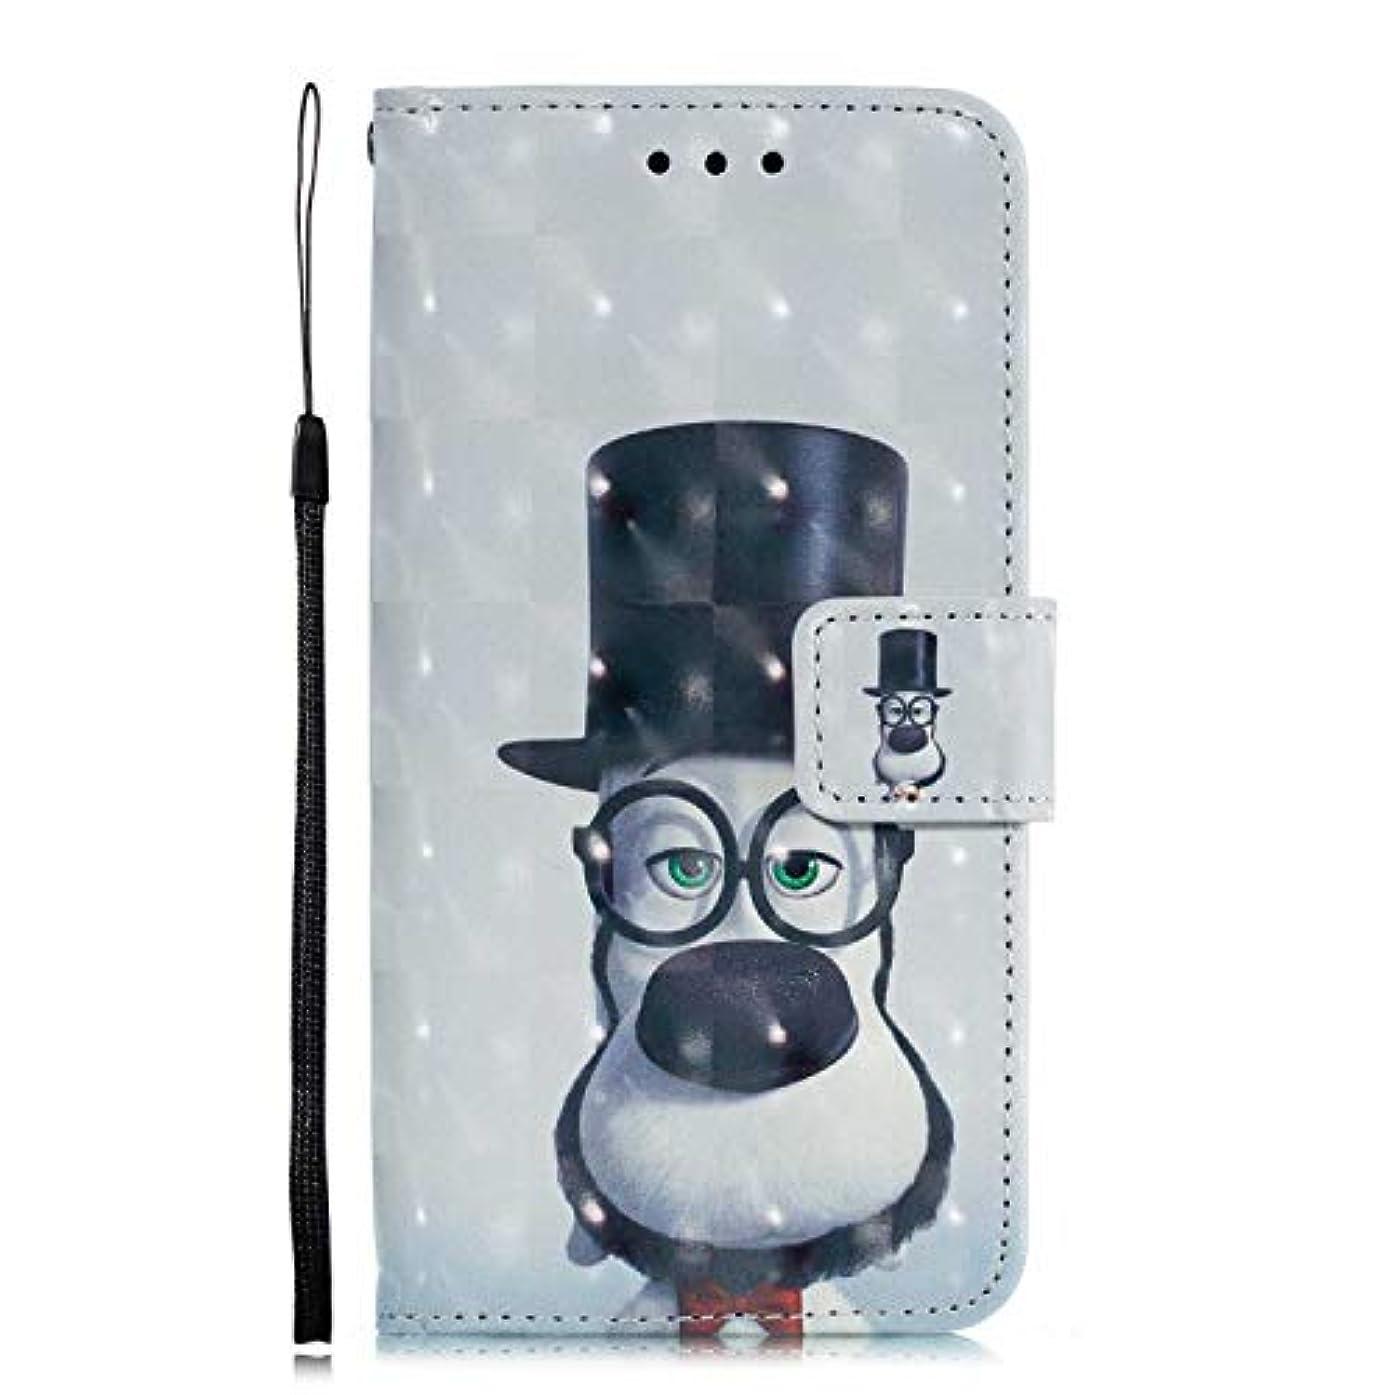 姪消防士ベギンOMATENTI Galaxy S9 ケース, ファッション良質 PU レザー 財布型 ケース 薄型 人気 新製品 衝撃吸収 全面保護 スマホケース, 付きスタンド機能, カードホルダー機能 ストラップ付き Galaxy S9 用 Case Cover, 犬